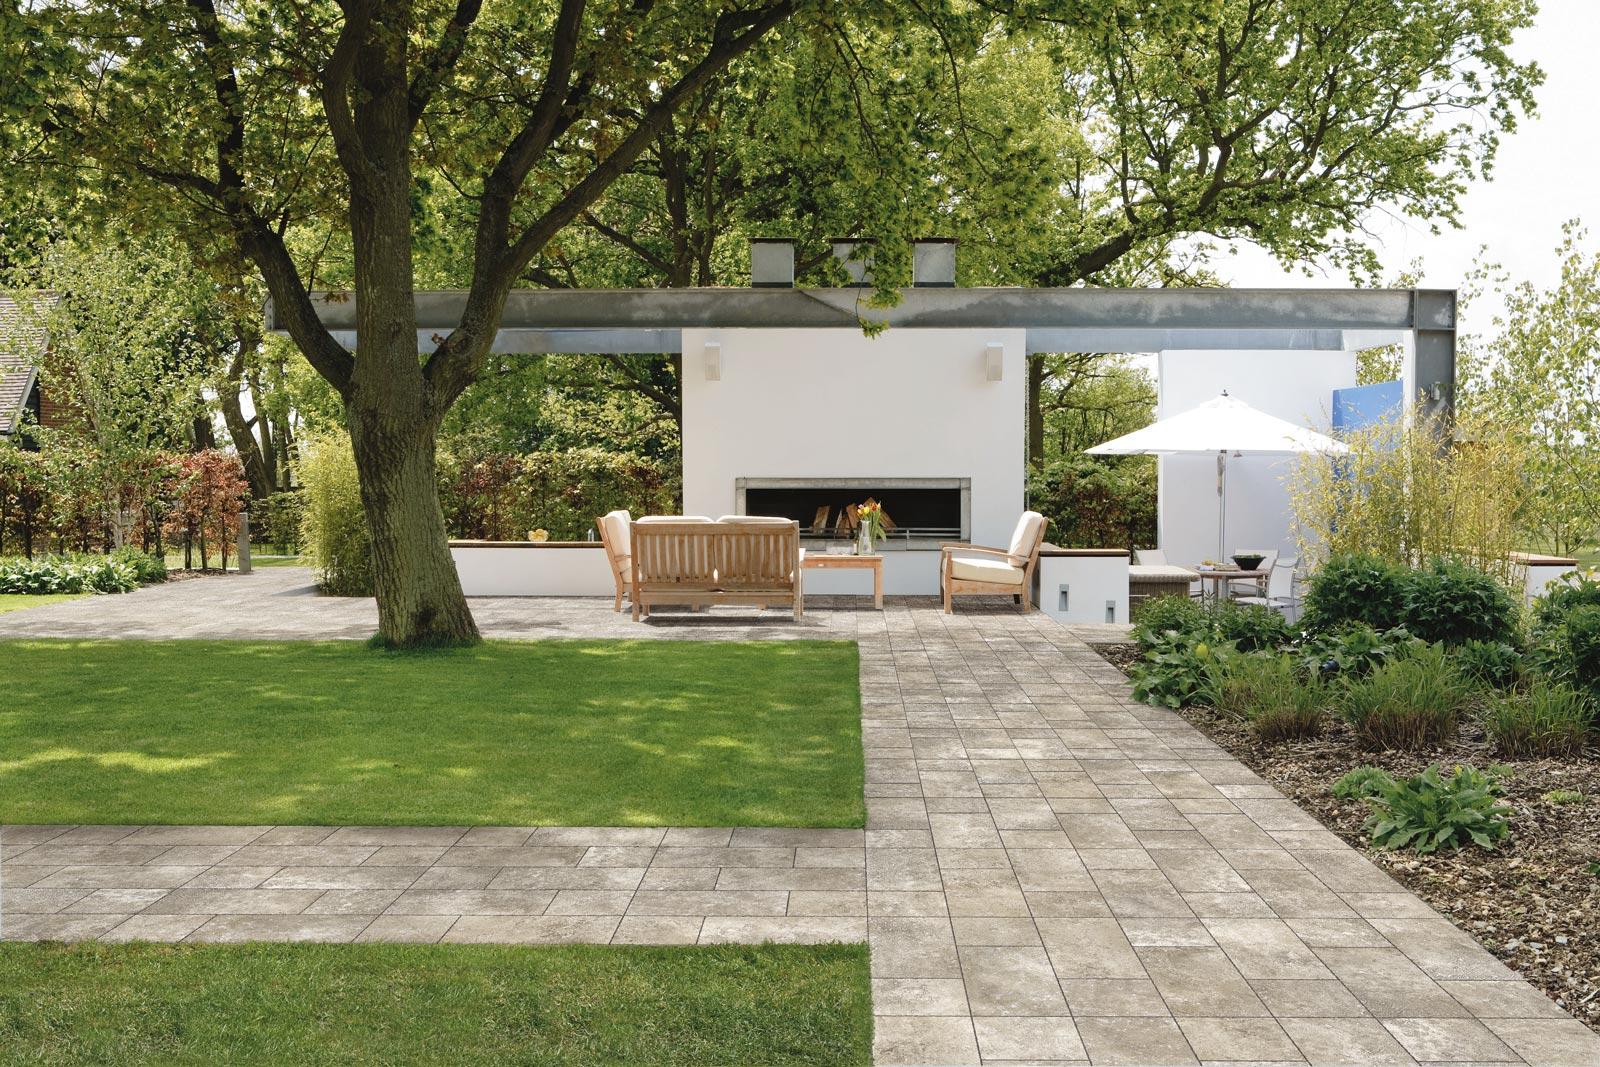 Rivestimenti per esterni e pavimentazione per giardini ragno for Giardini esterni